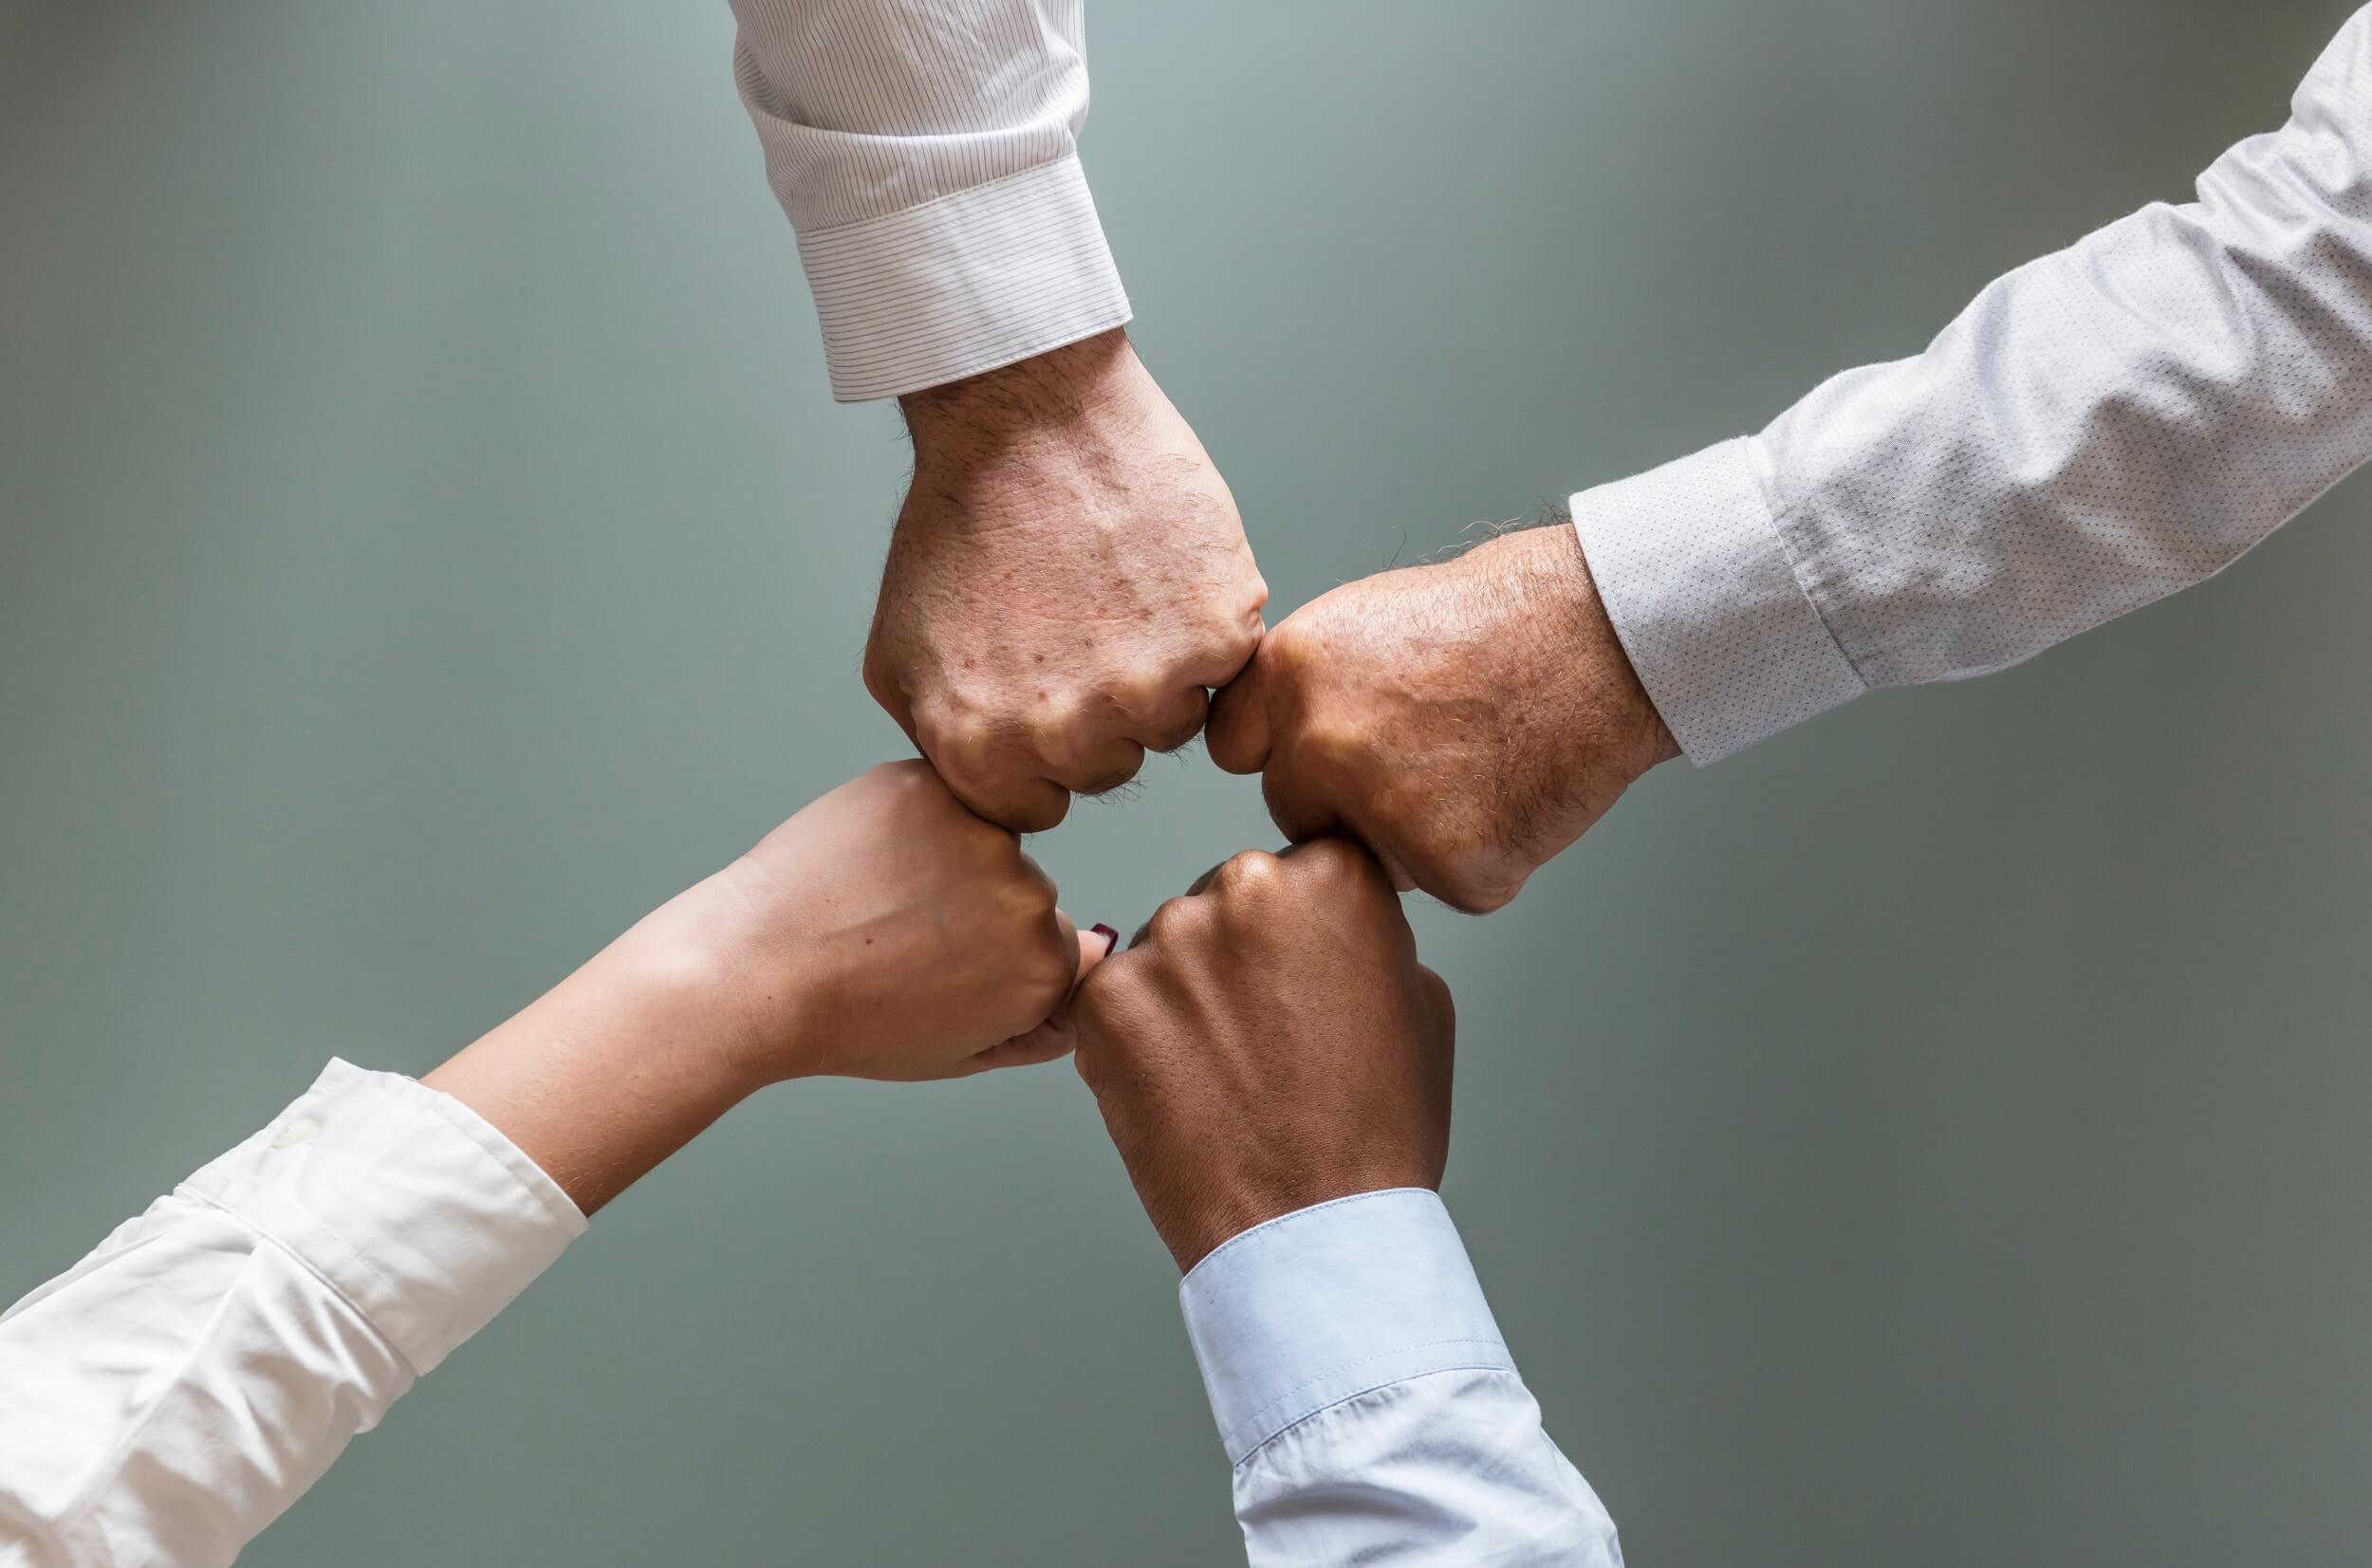 ESADE Brand Institute aliado estratégico para investigar sobre la marca